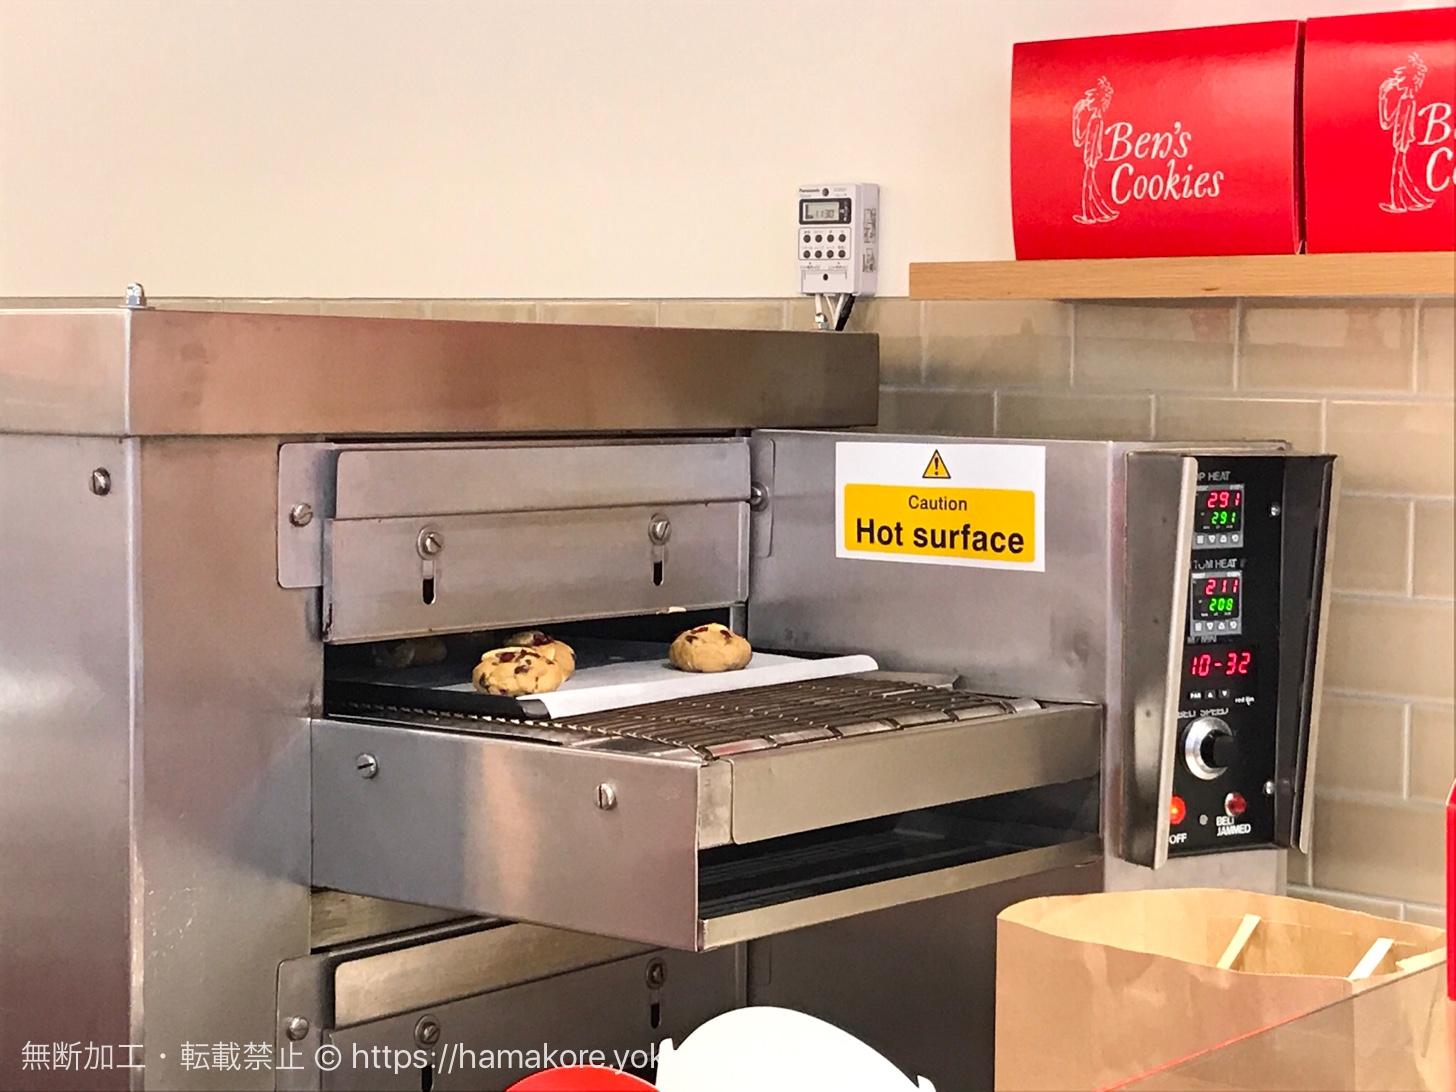 ベンズクッキー 日本大通り店 焼き上げ中のクッキー